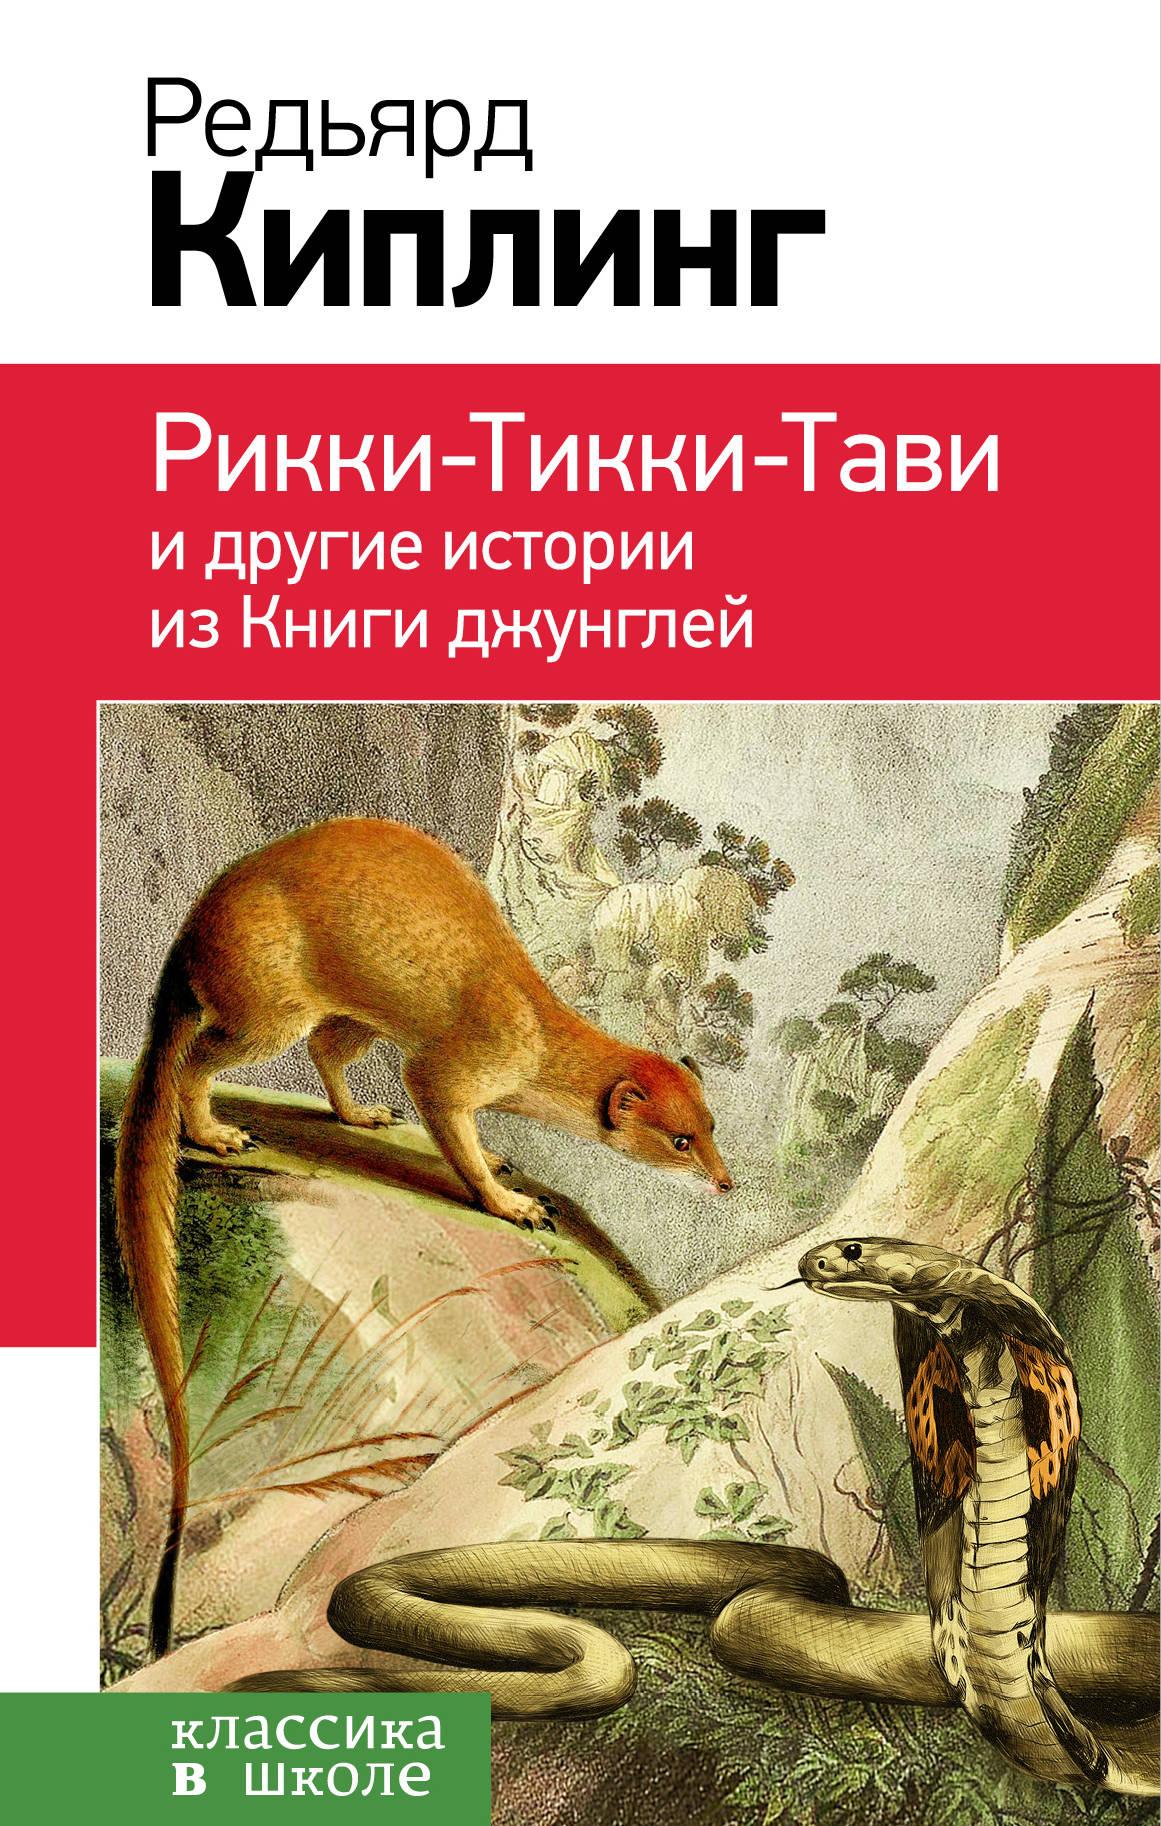 Редьярд Киплинг Рикки-Тикки-Тави и другие истории из Книги джунглей